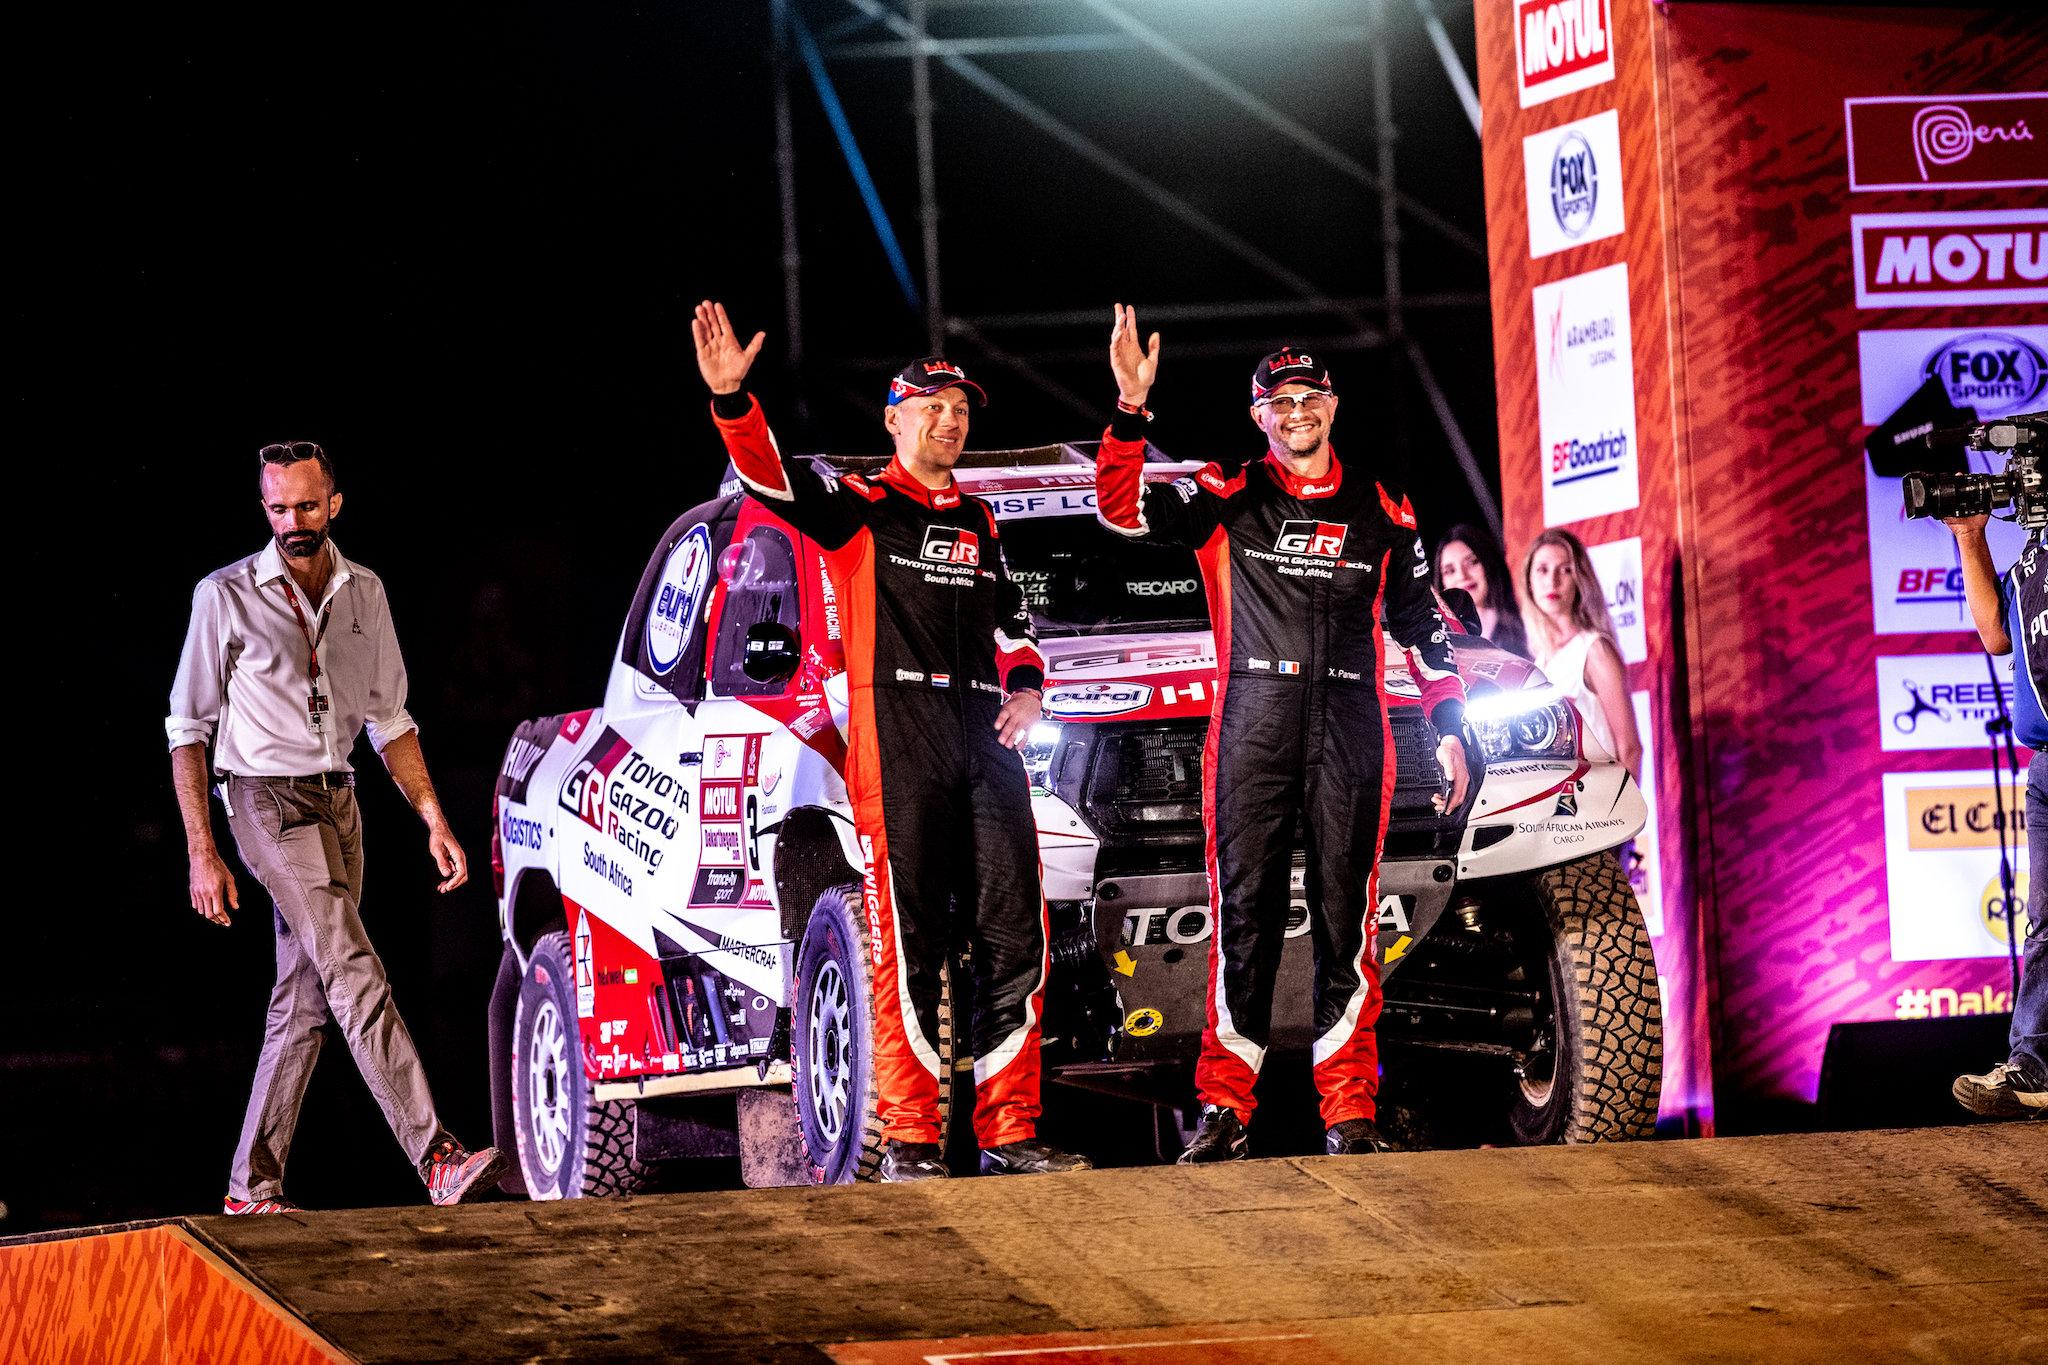 Genieten voor Bernhard bij feestelijke start Dakar 2019